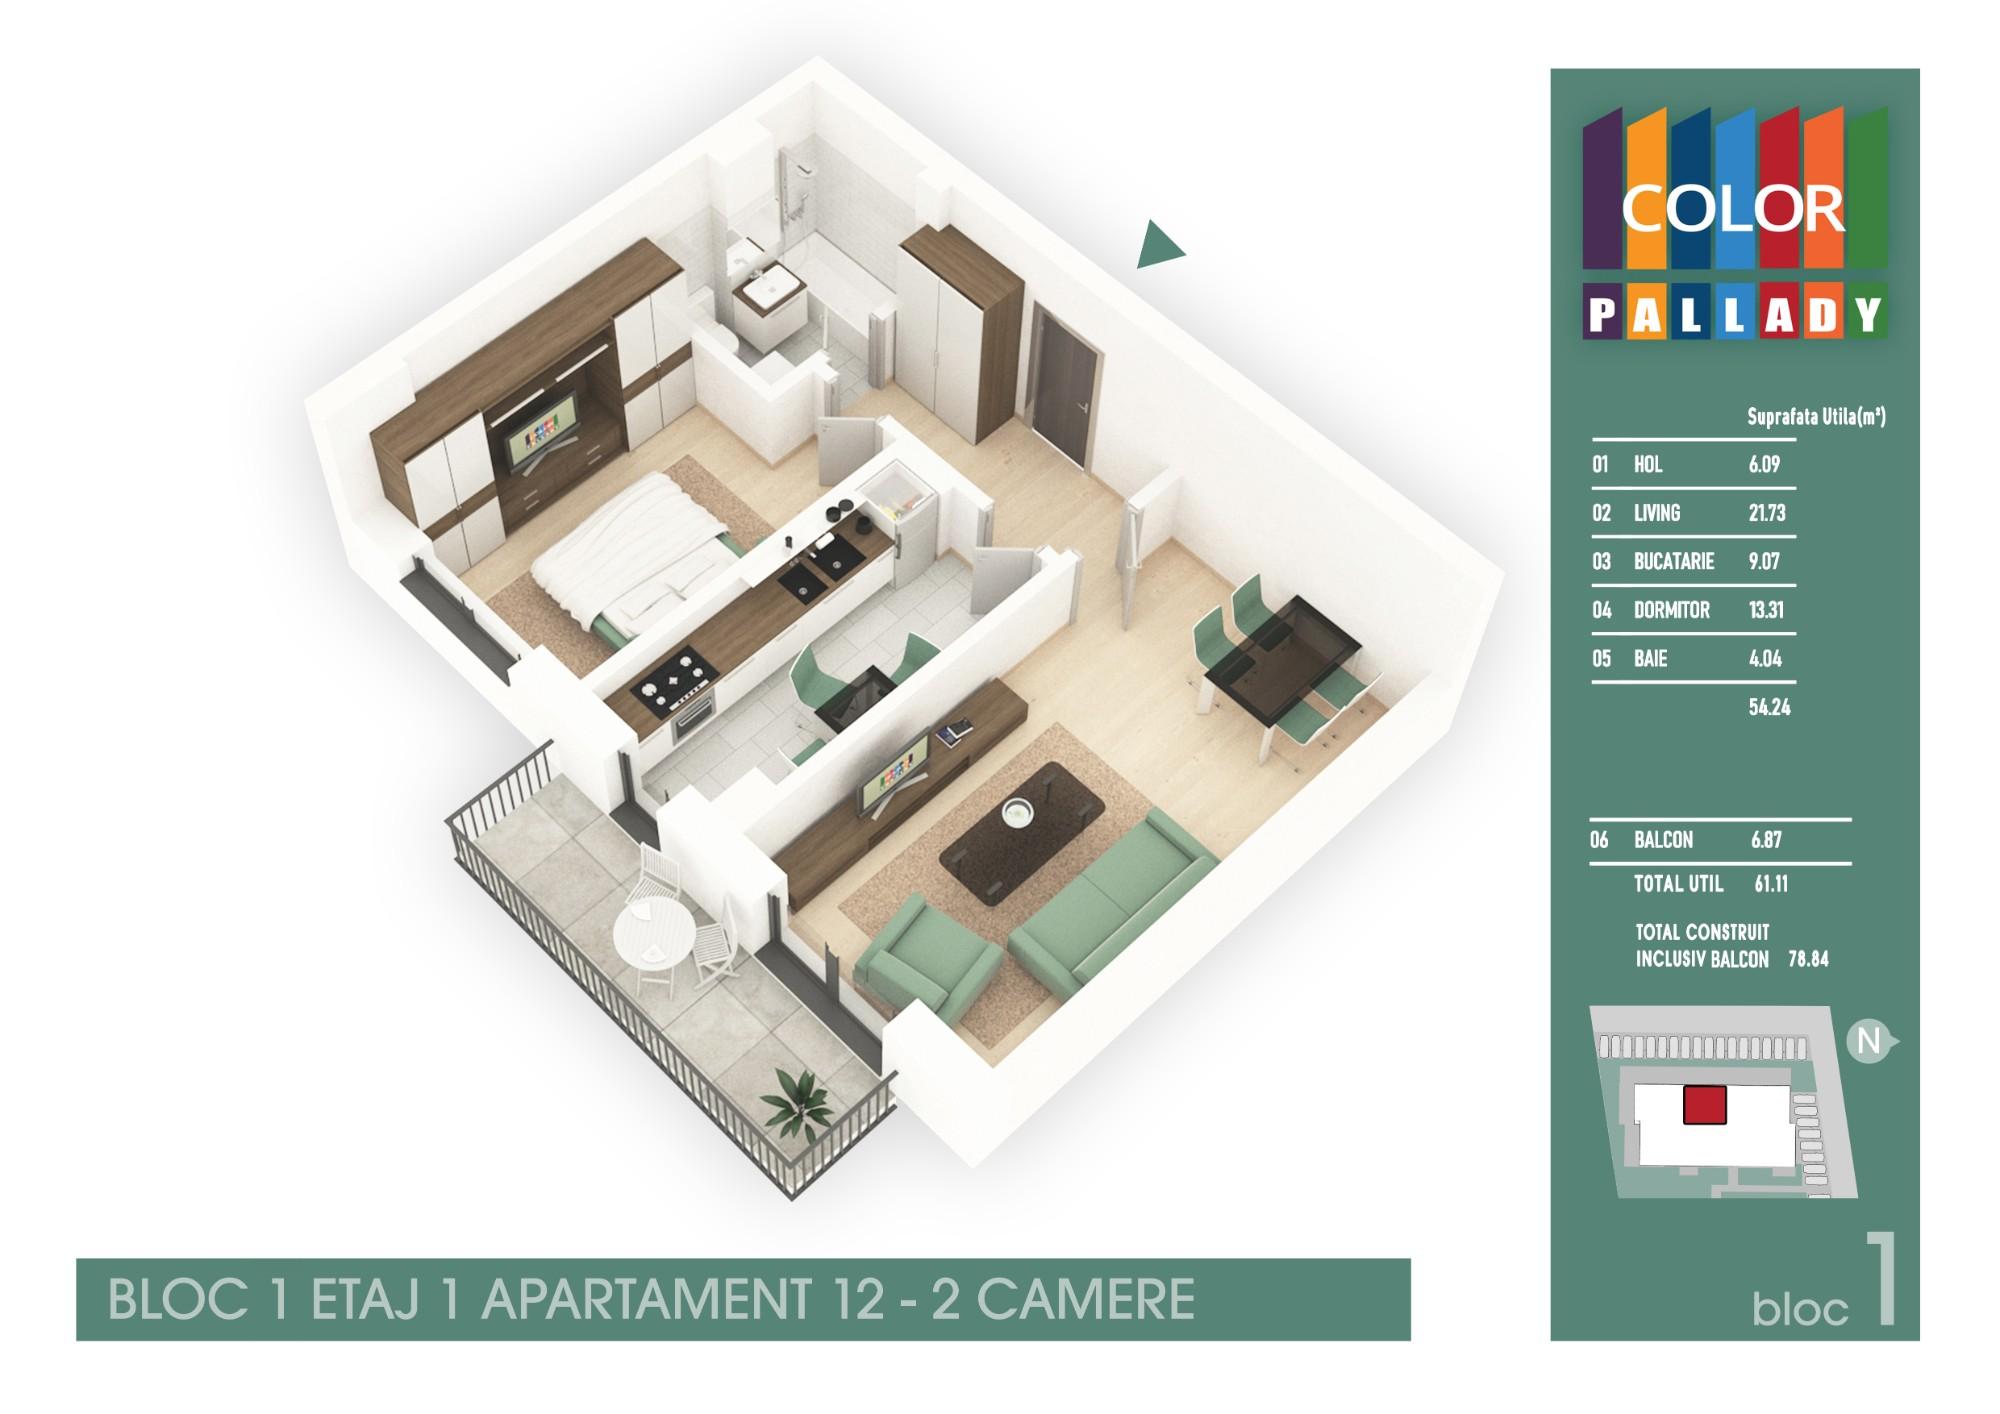 Bloc 1 - Etaj 1 - Apartament 12